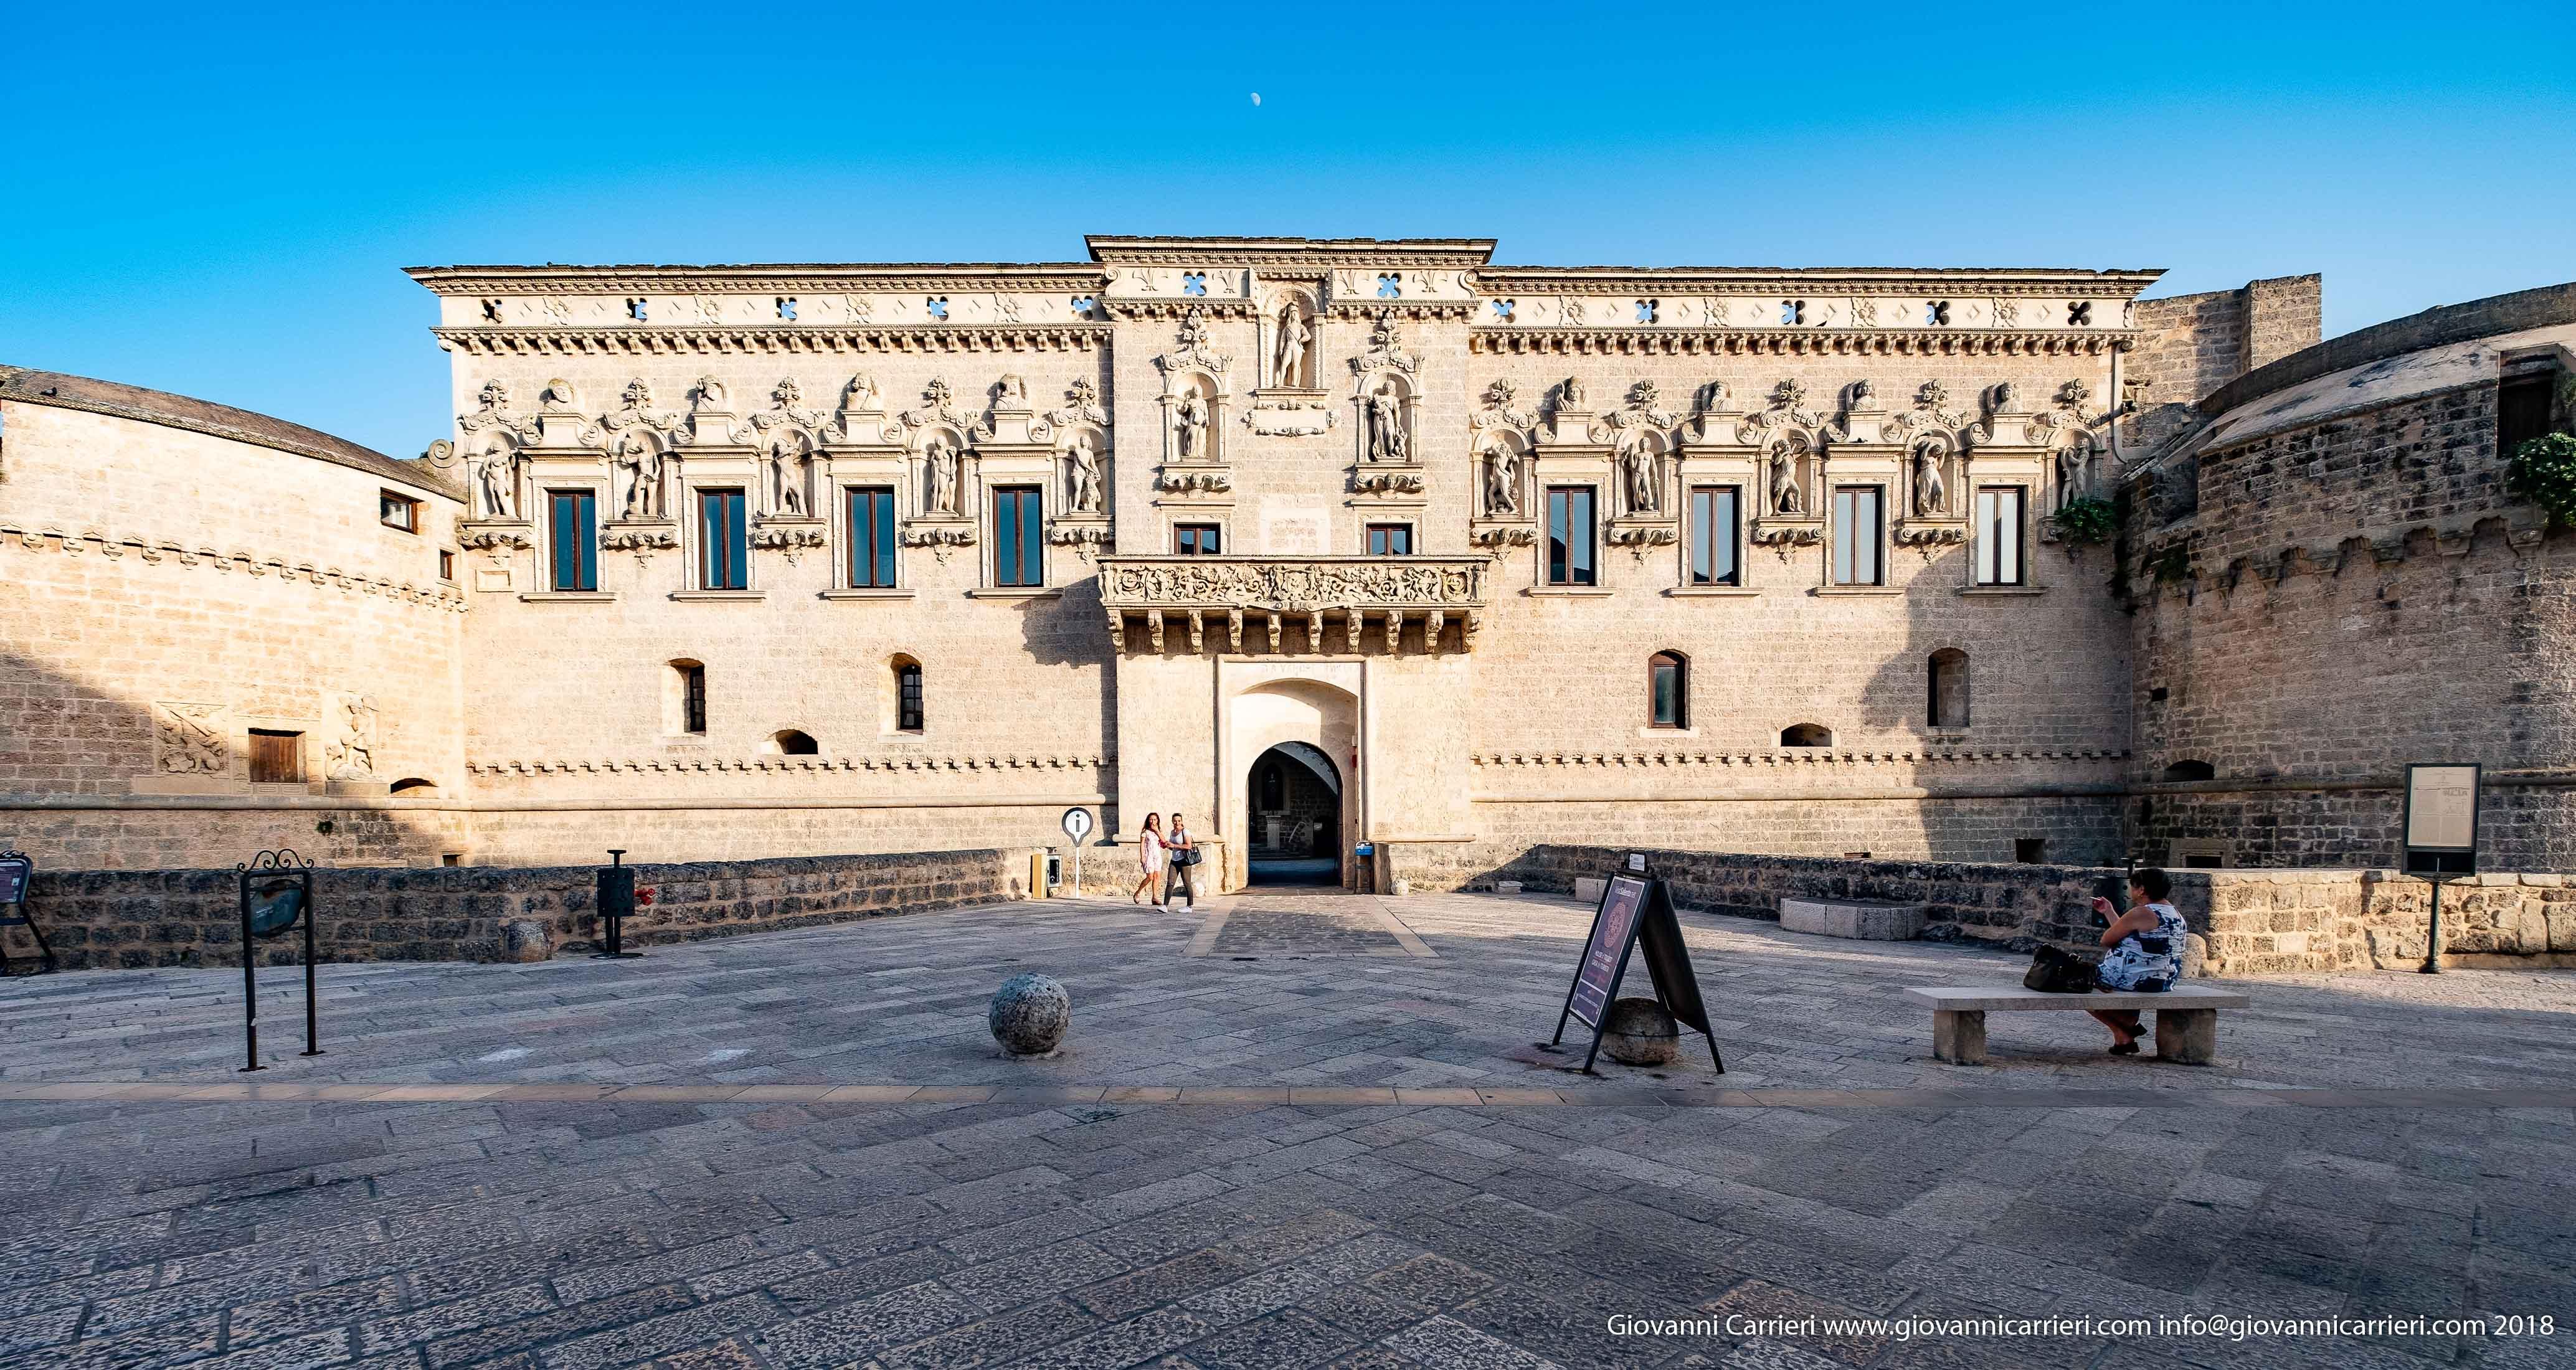 Vista frontale del Castello de Monti di Corigliano d'Otranto